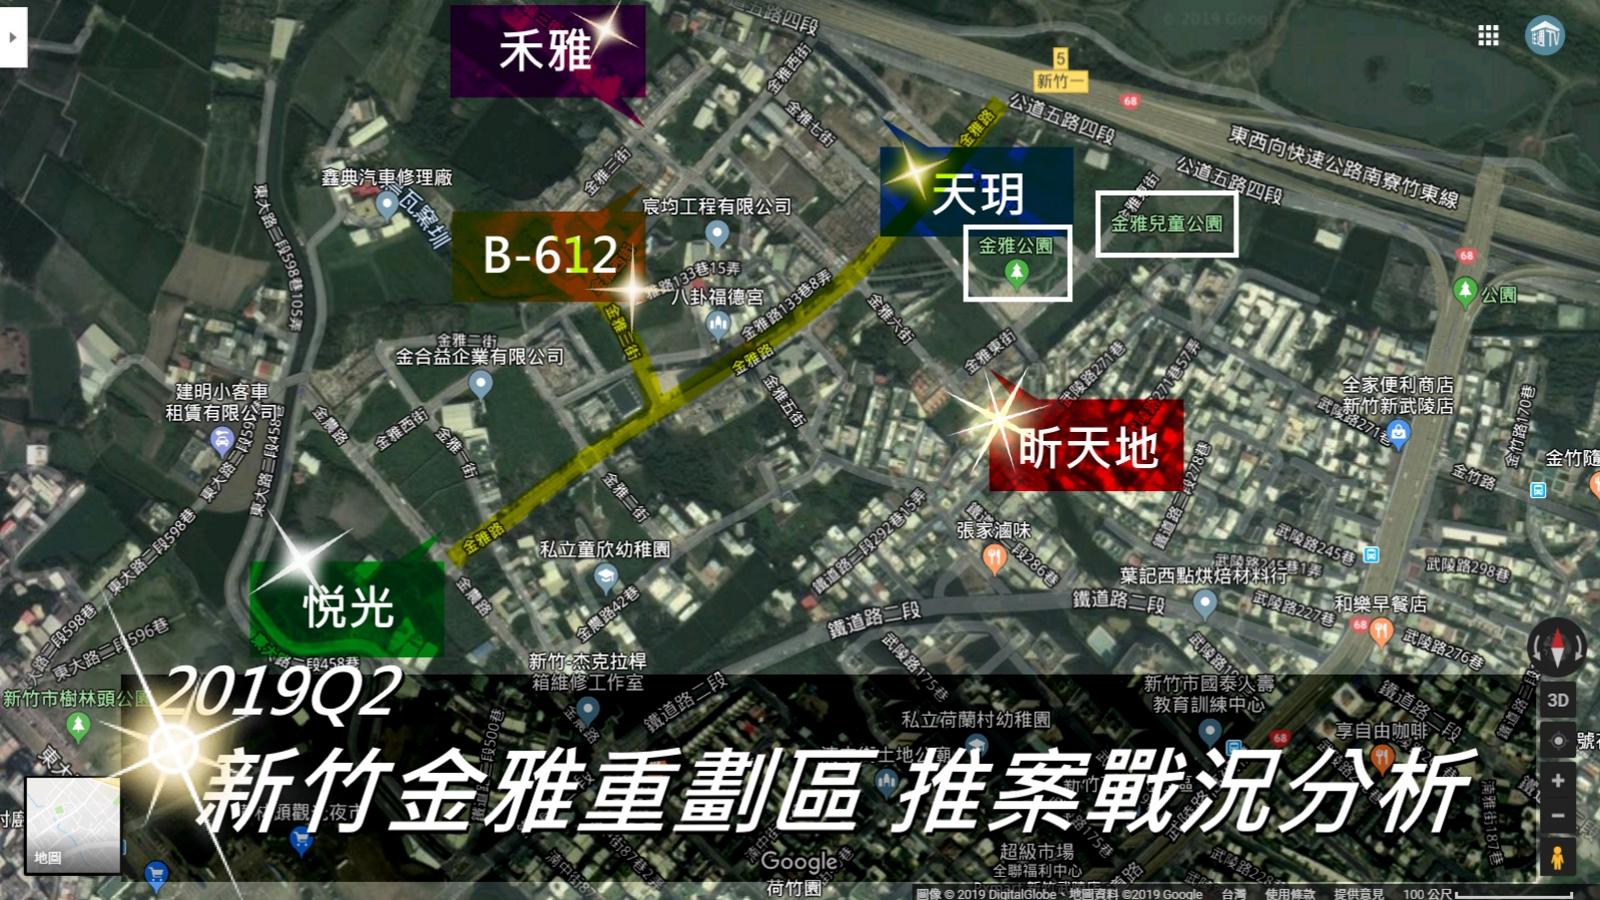 [專題報導] 金雅重劃區戰況分析-封面.png